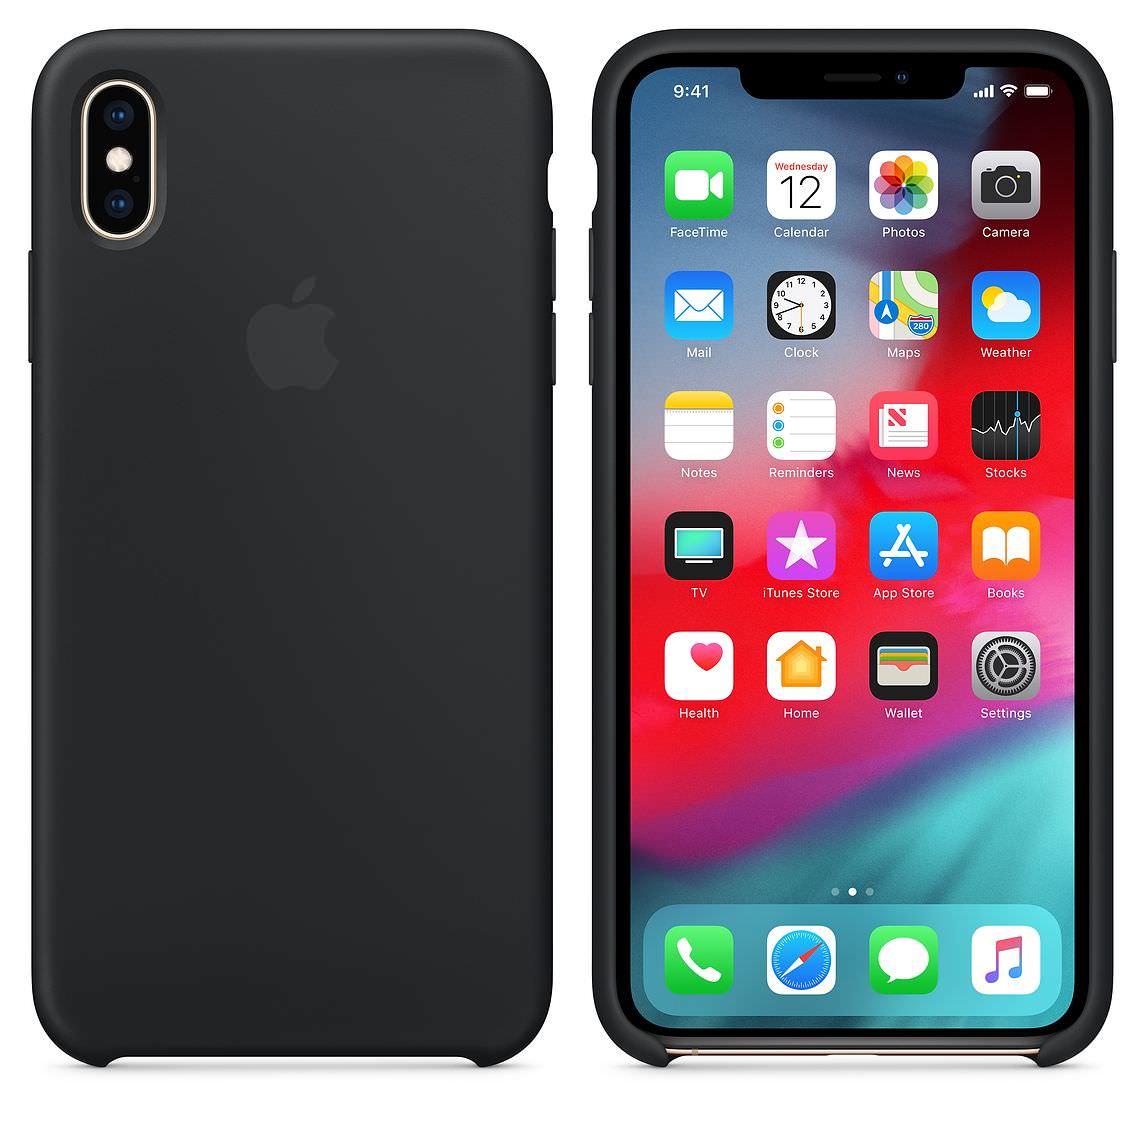 Apple silikónový obal pre iPhone XS Max - čierny 3